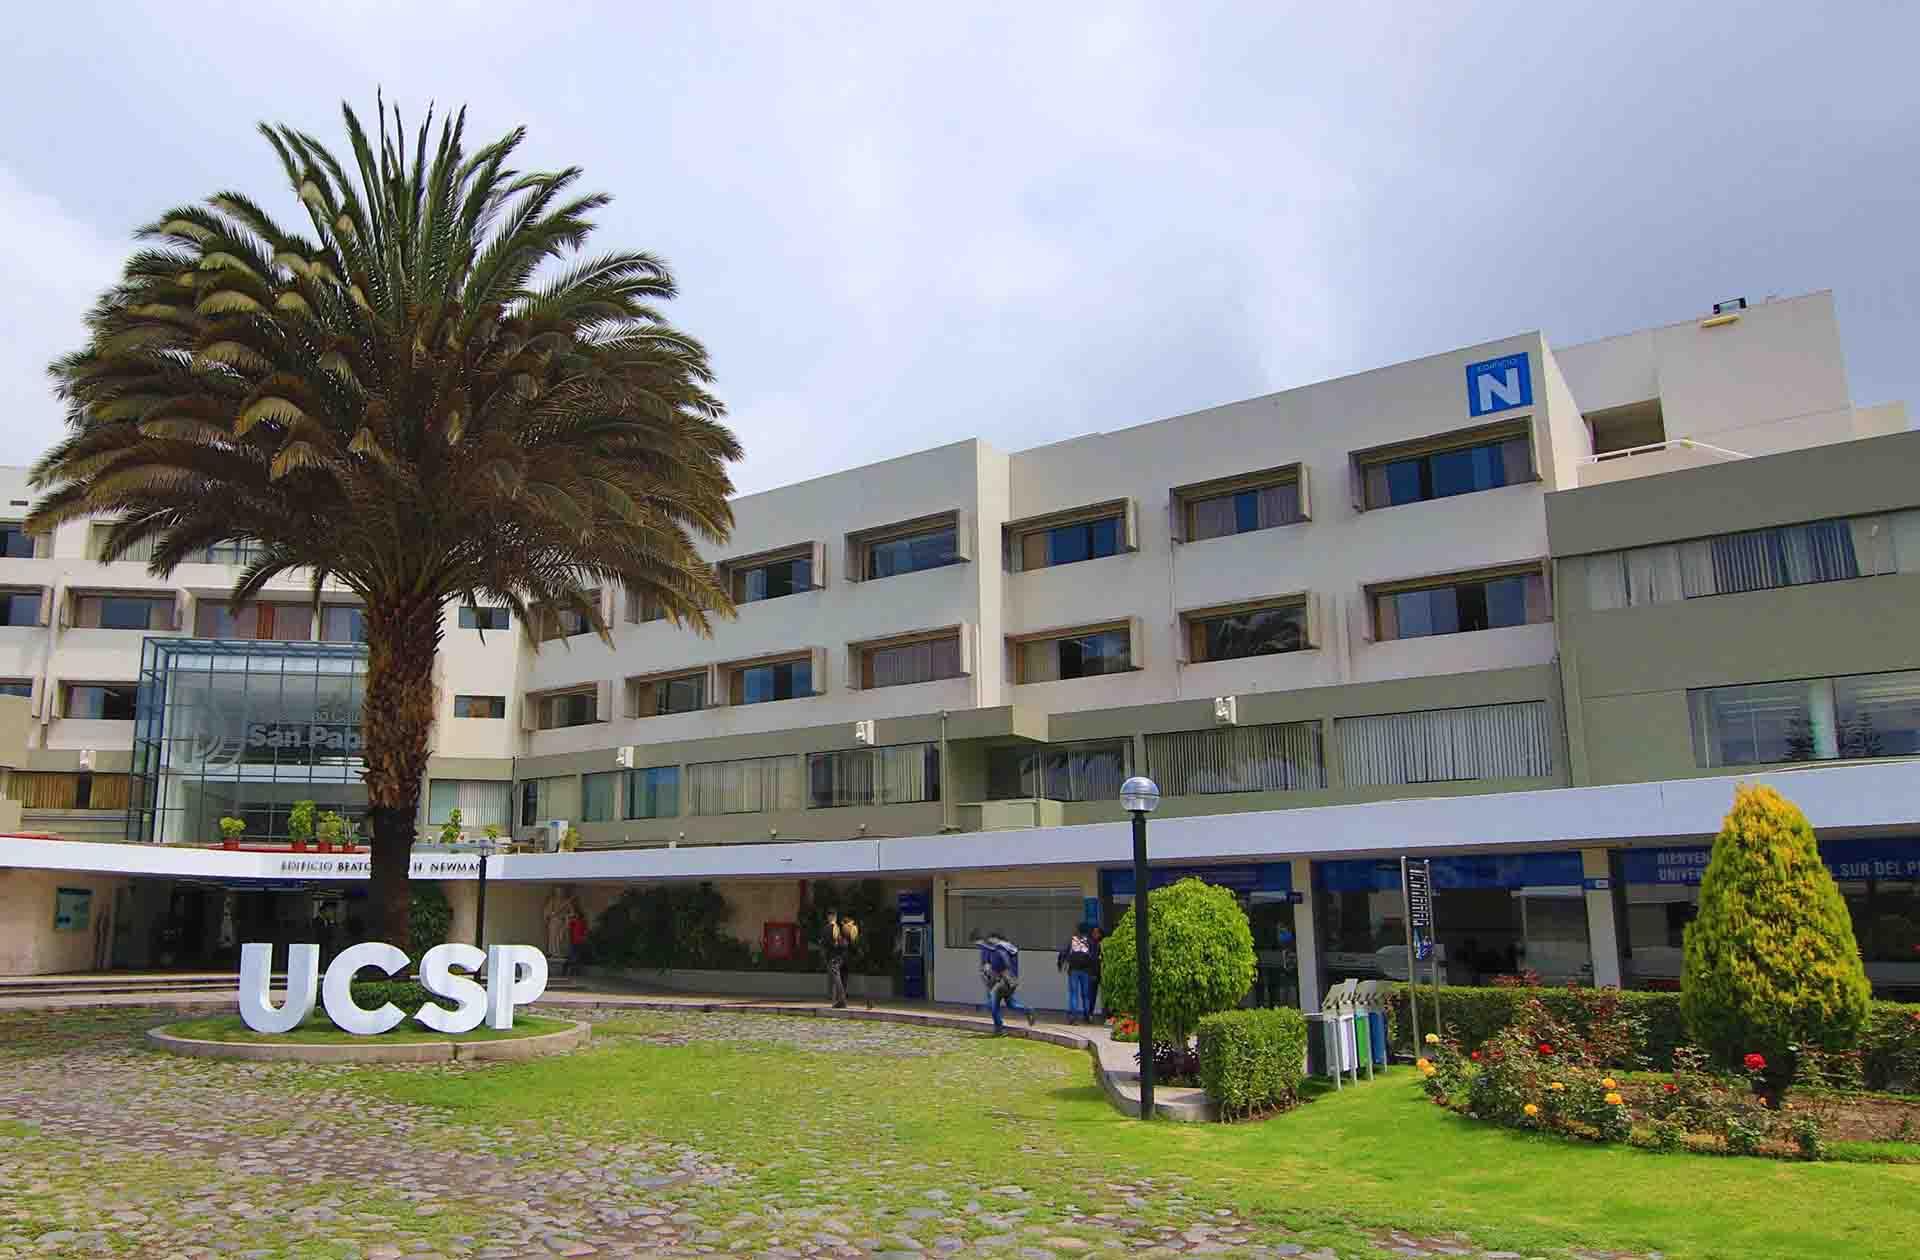 Como administrador de empresas en la Universidad Católica San Pablo (UCSP) de Arequipa entiende que su labor como gerente debe ser buscar soluciones para que los proyectos e iniciativas lleguen a buen puerto